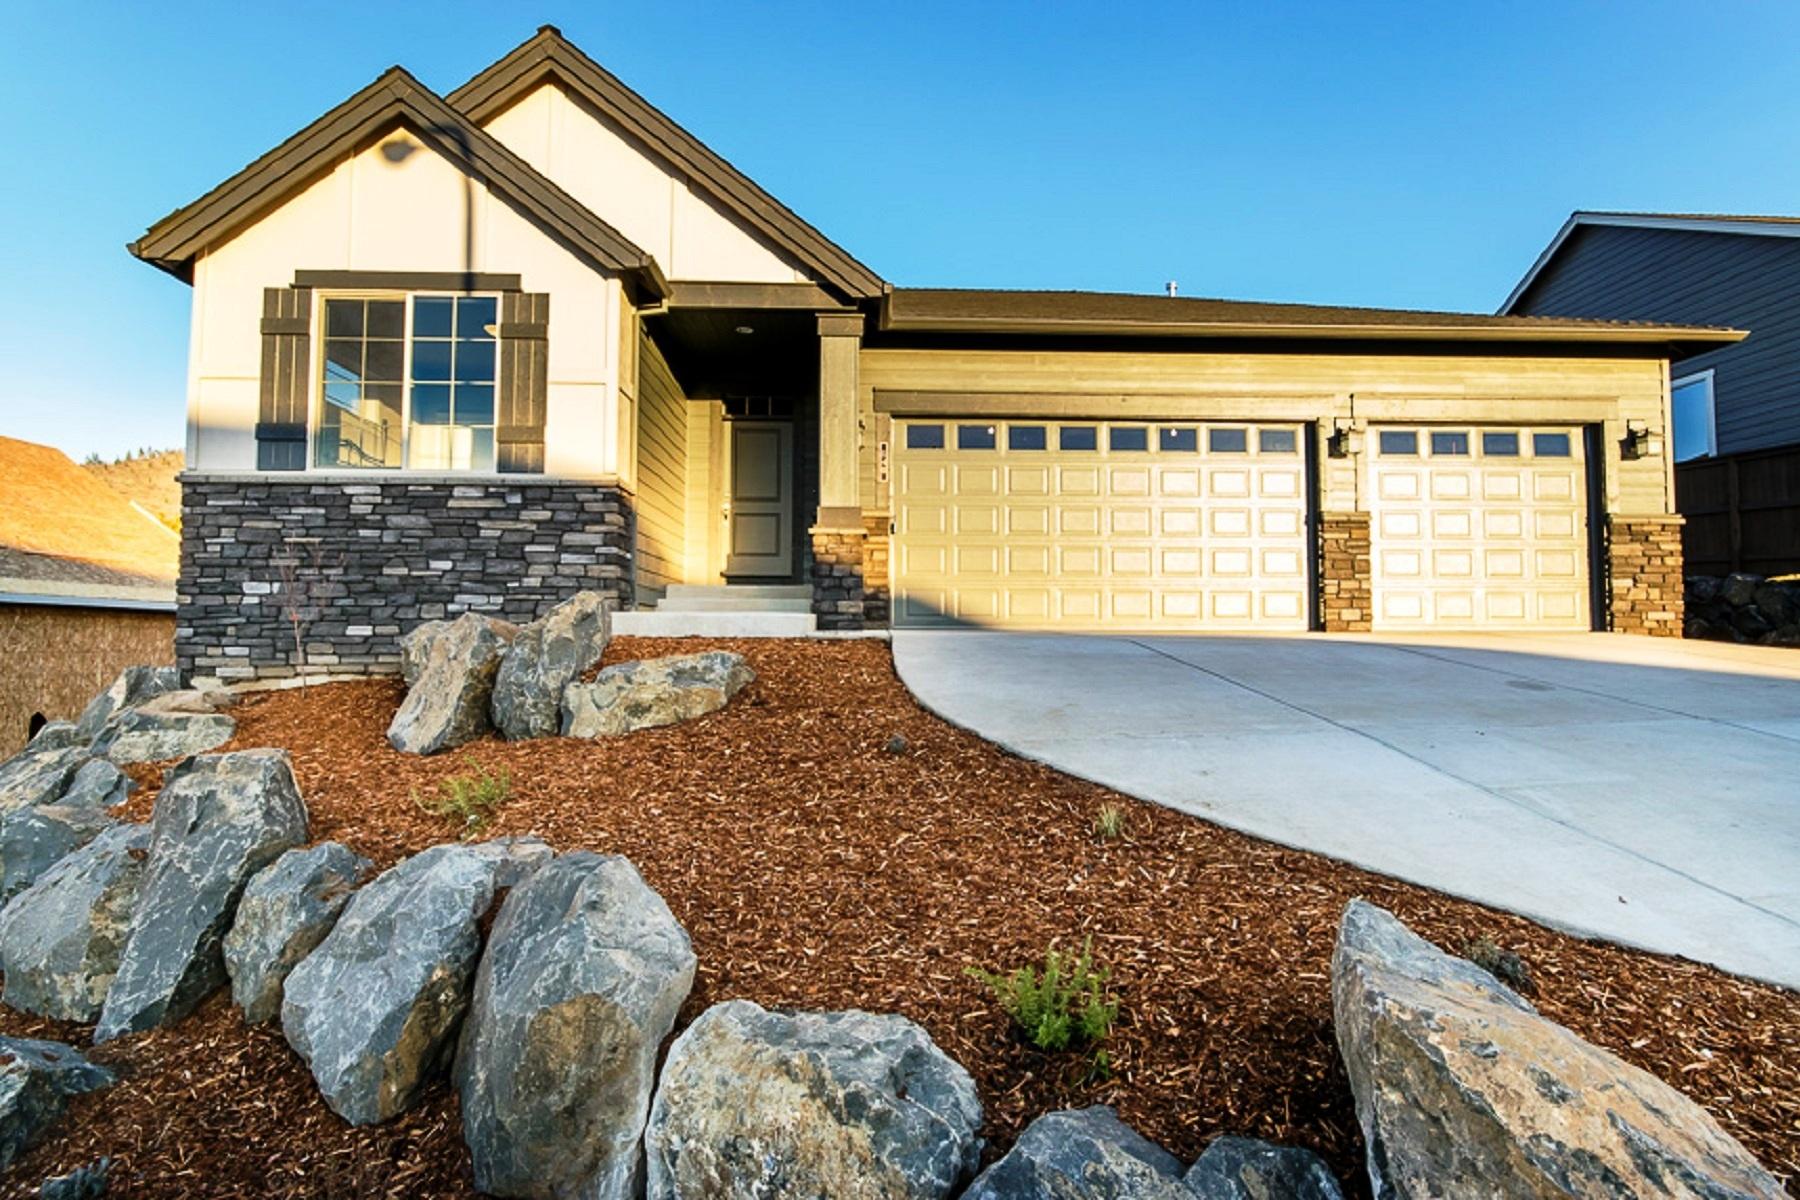 Einfamilienhaus für Verkauf beim 839 NE Hudspeth Circle Lot 148, PRINEVILLE 839 Northeast Hudspeth Circle Lot 148 Prineville, Oregon, 97754 Vereinigte Staaten